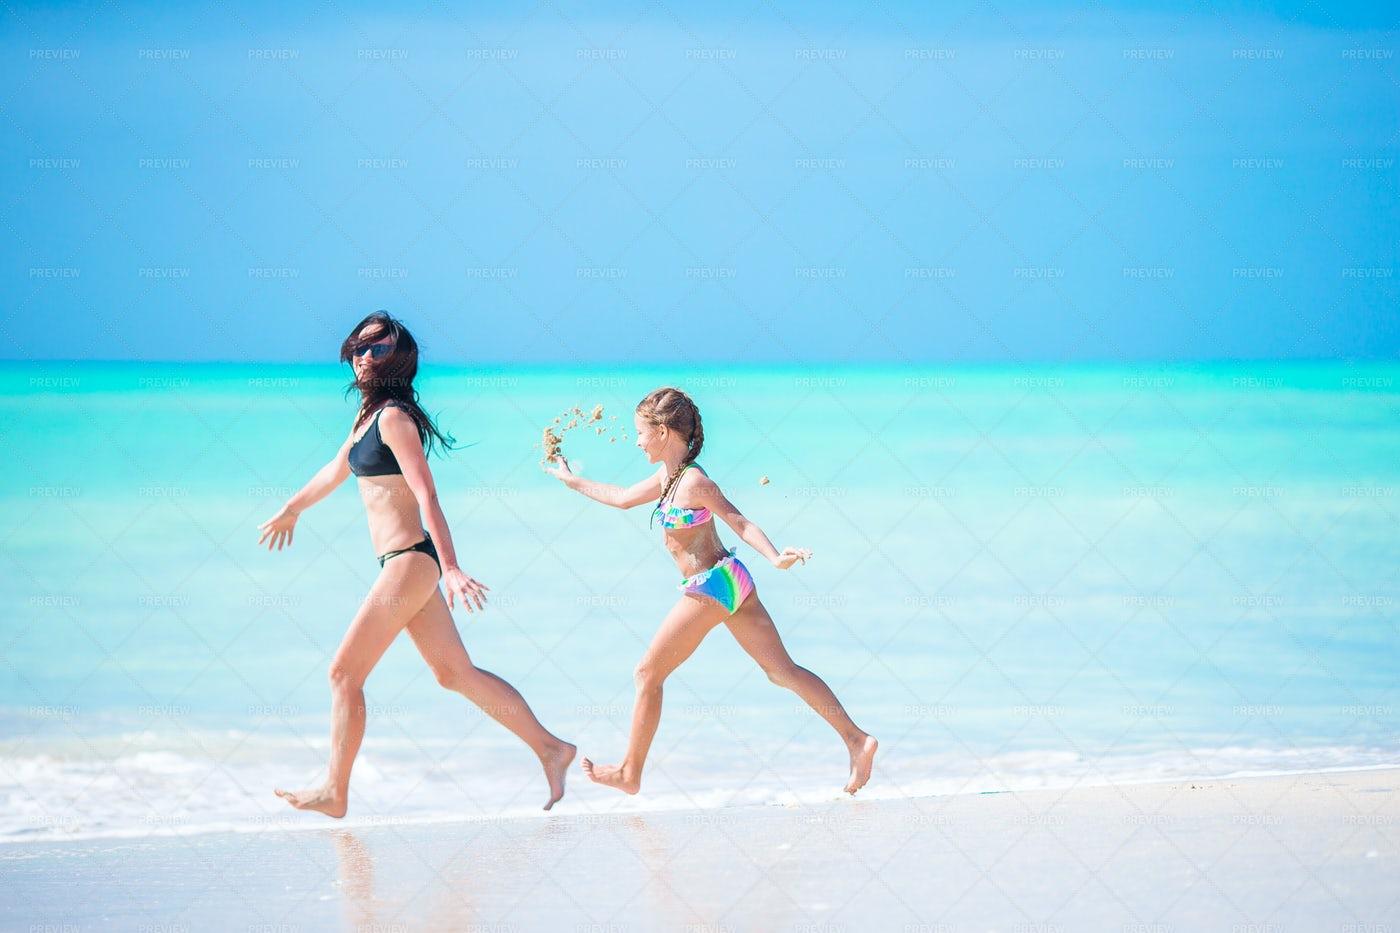 Running On The Beach: Stock Photos